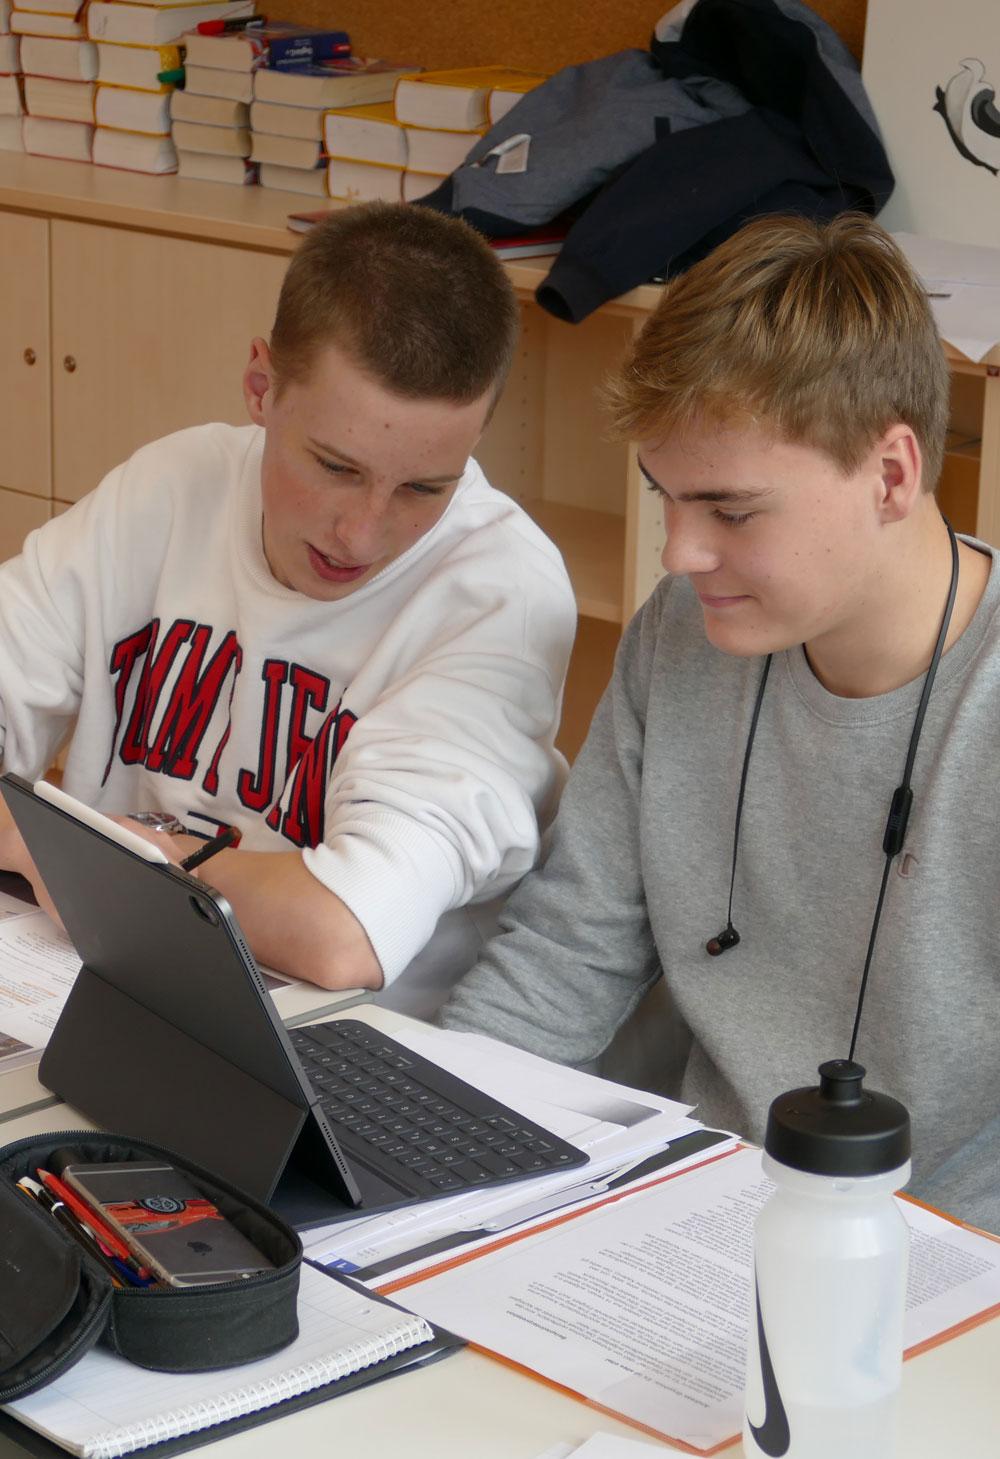 Zwei Schülerinnen auf dem Weg zum Unterricht im Fach Berufs- und Lebensorientierung mit ihren Unterlagen